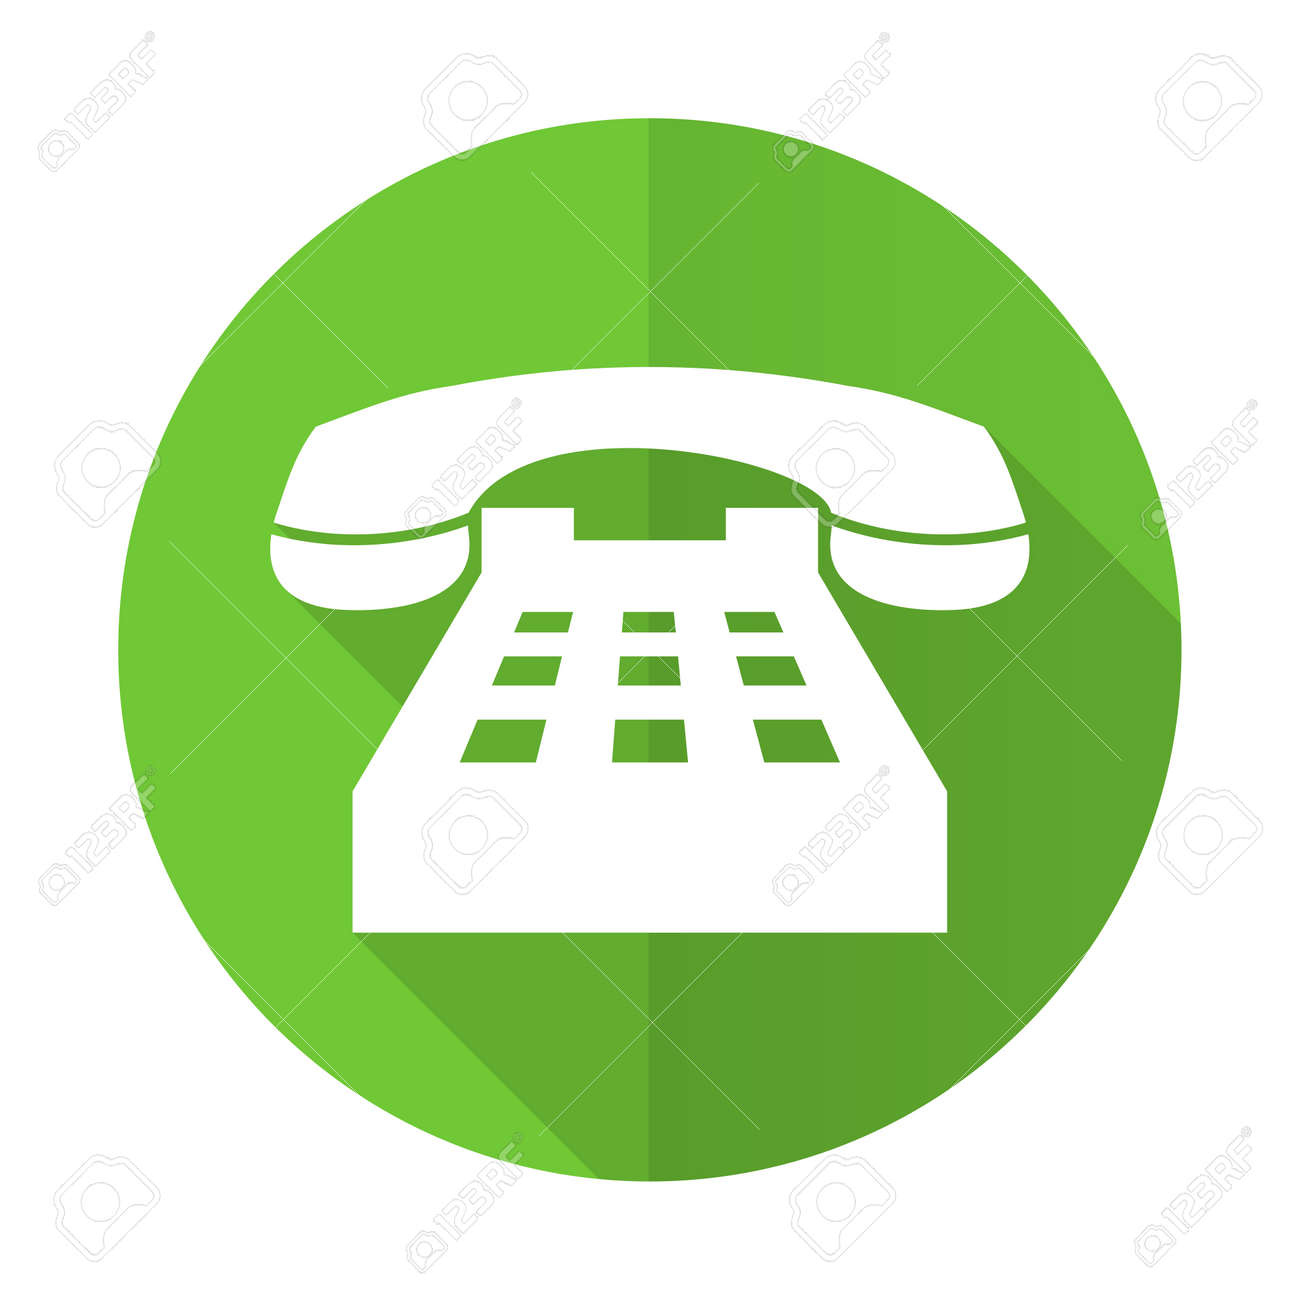 Telefon Grünen Flach Symbol Telefon Zeichen Lizenzfreie Fotos, Bilder Und  Stock Fotografie. Image 38144466.